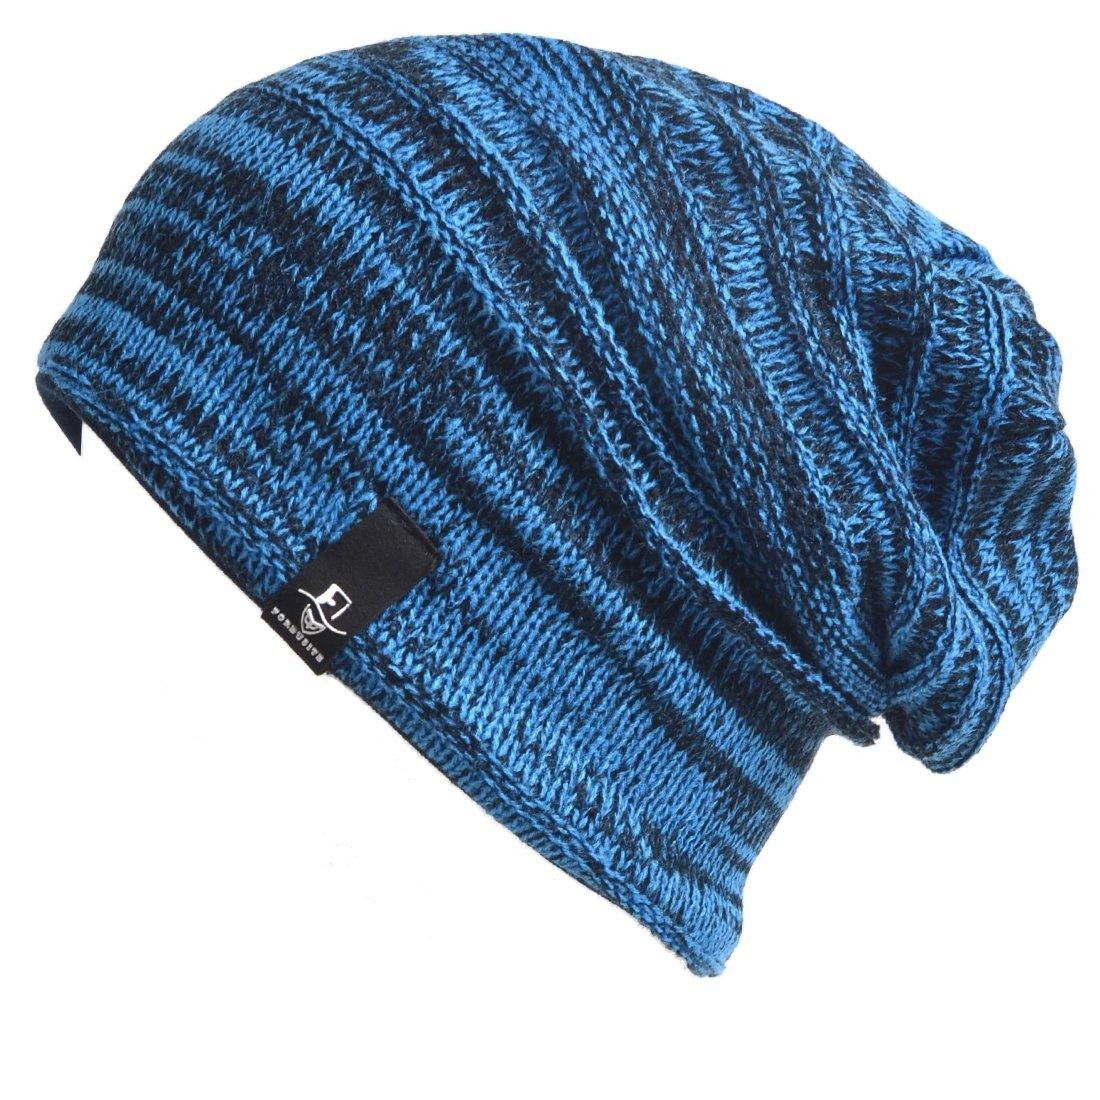 HISSHE Toddler Infant Kids Cap Baby Knit Beanie Skull Cap Winter Hat B5022k (Retro-Blue)